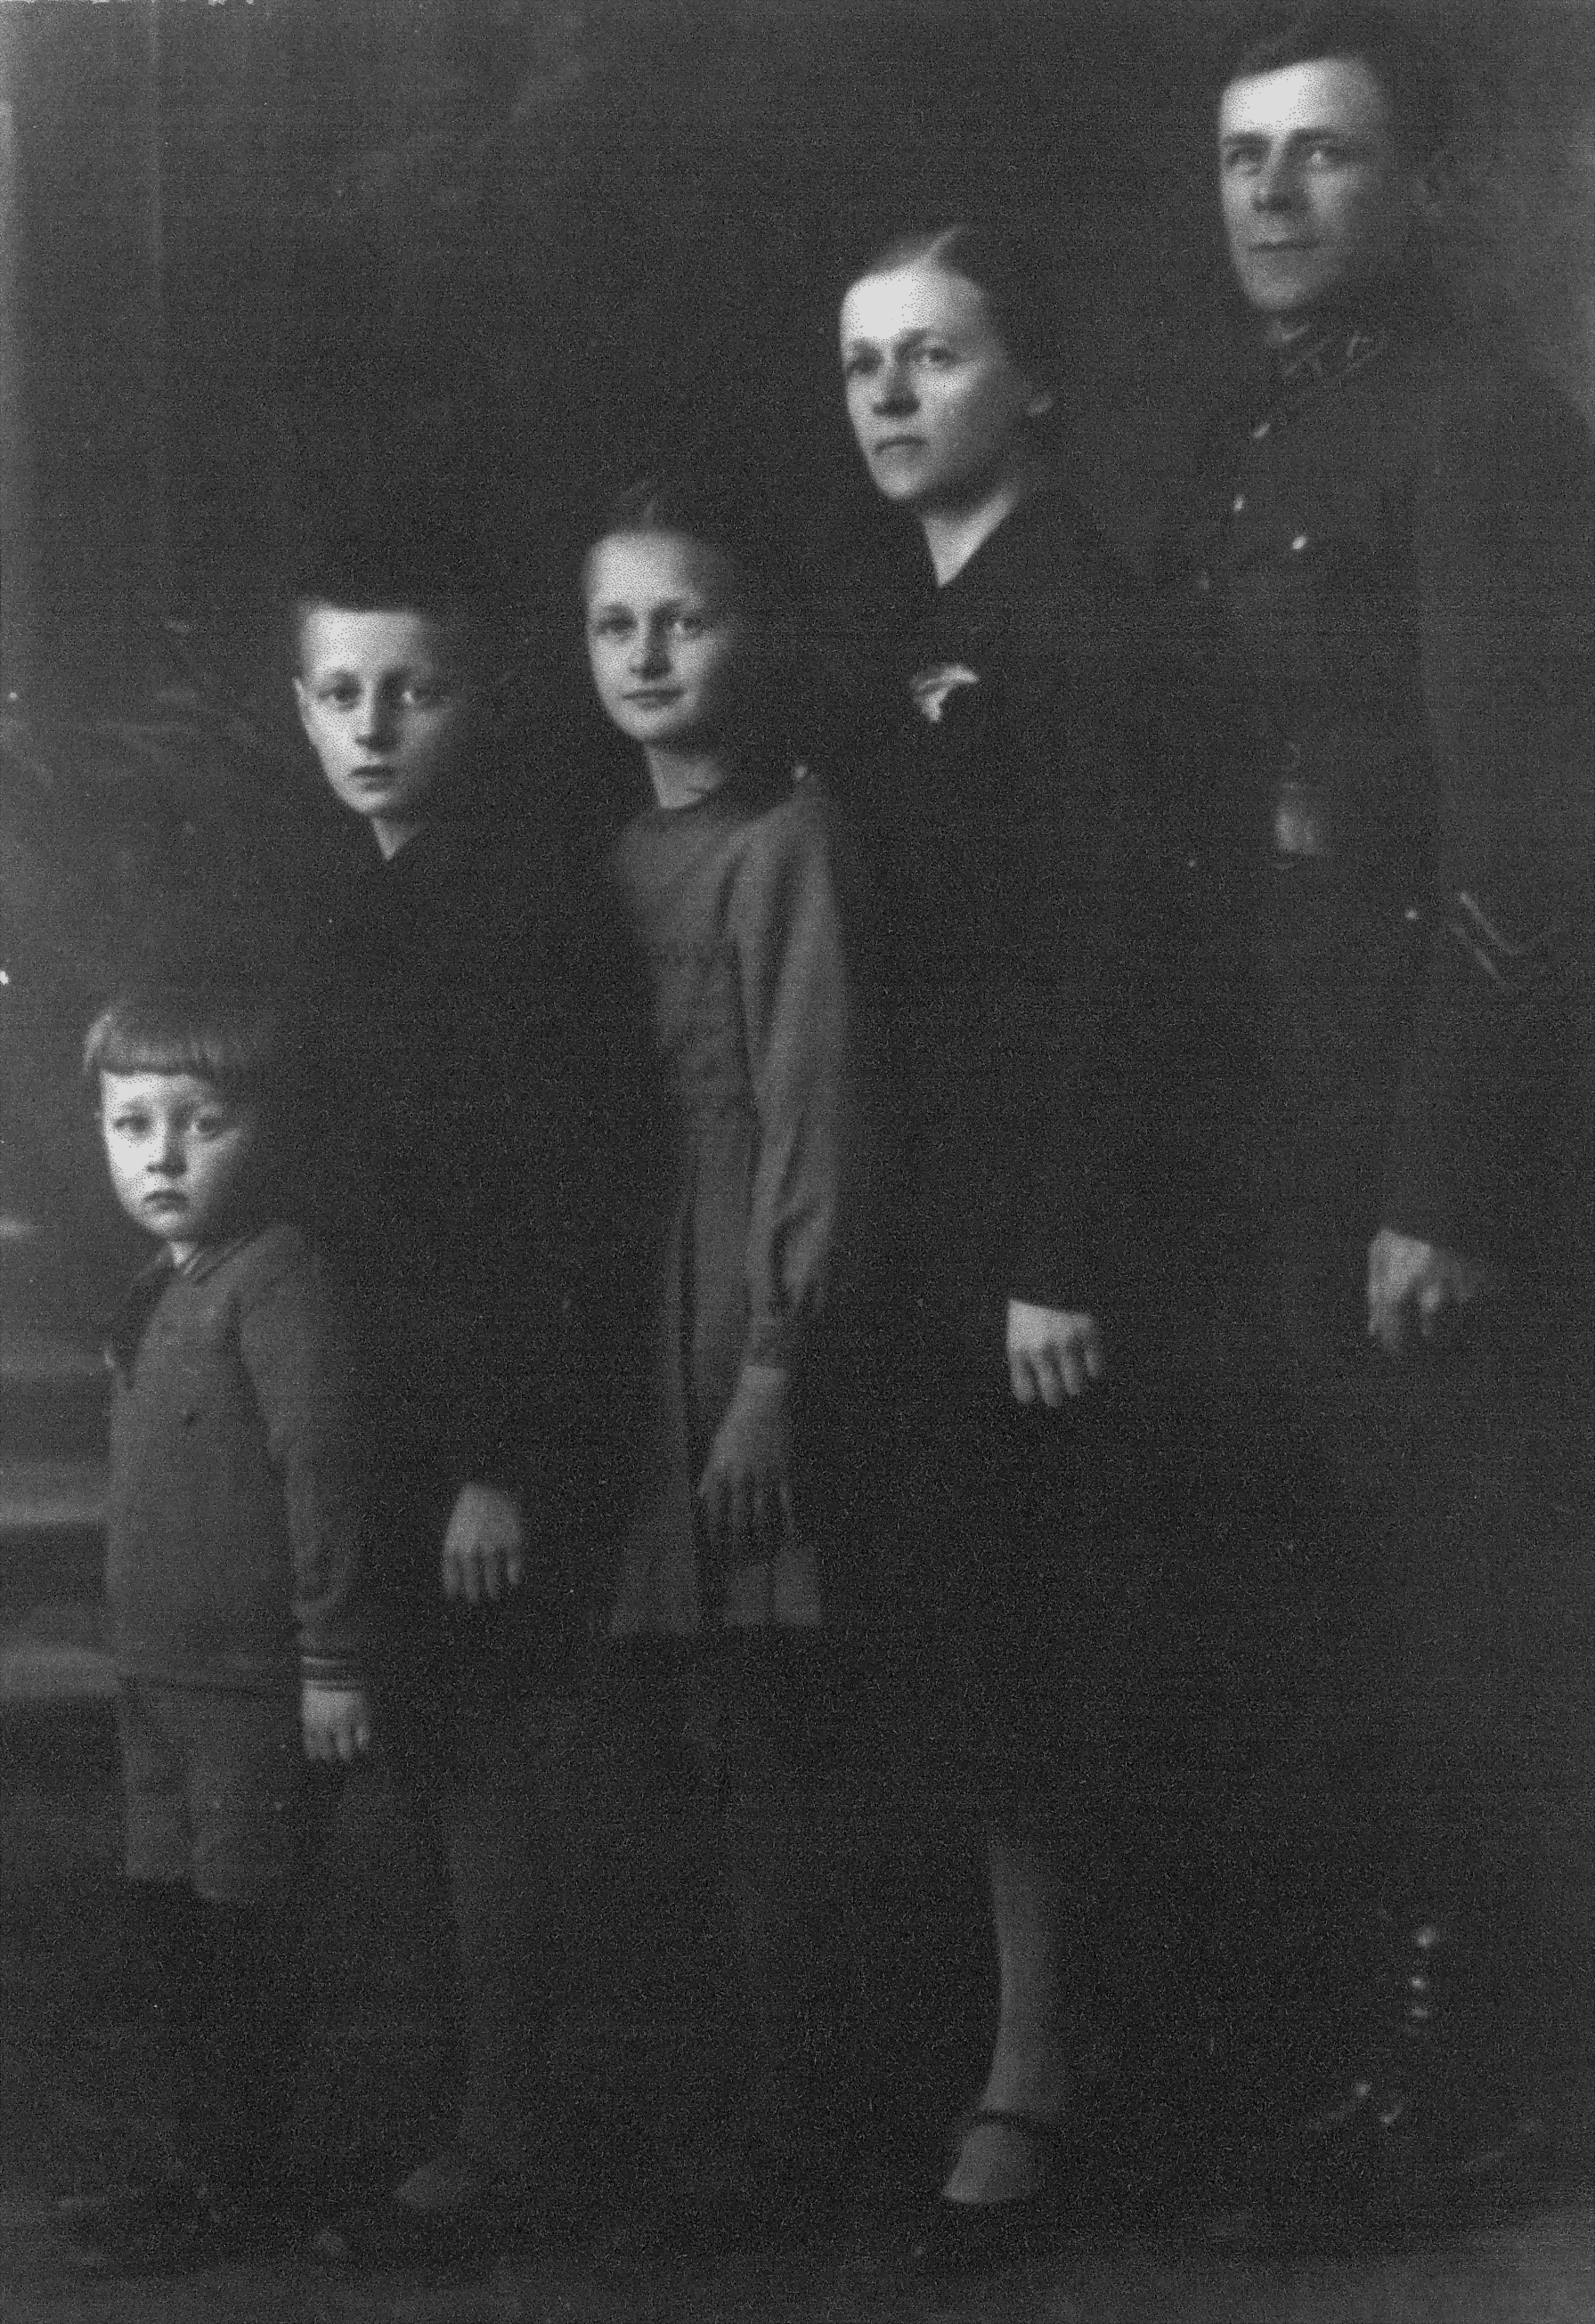 Ona Maksimaitienė su vyru Antanu, dukra Rimgaile ir sūnumis Algirdu ir Mindaugu. PANEVĖŽIO APSKRITIES GABRIELĖS PETKEVIČAITĖS-BITĖS VIEŠOSIOS BIBLIOTEKOS (Onos Maksimaitienės fondo) nuotr.